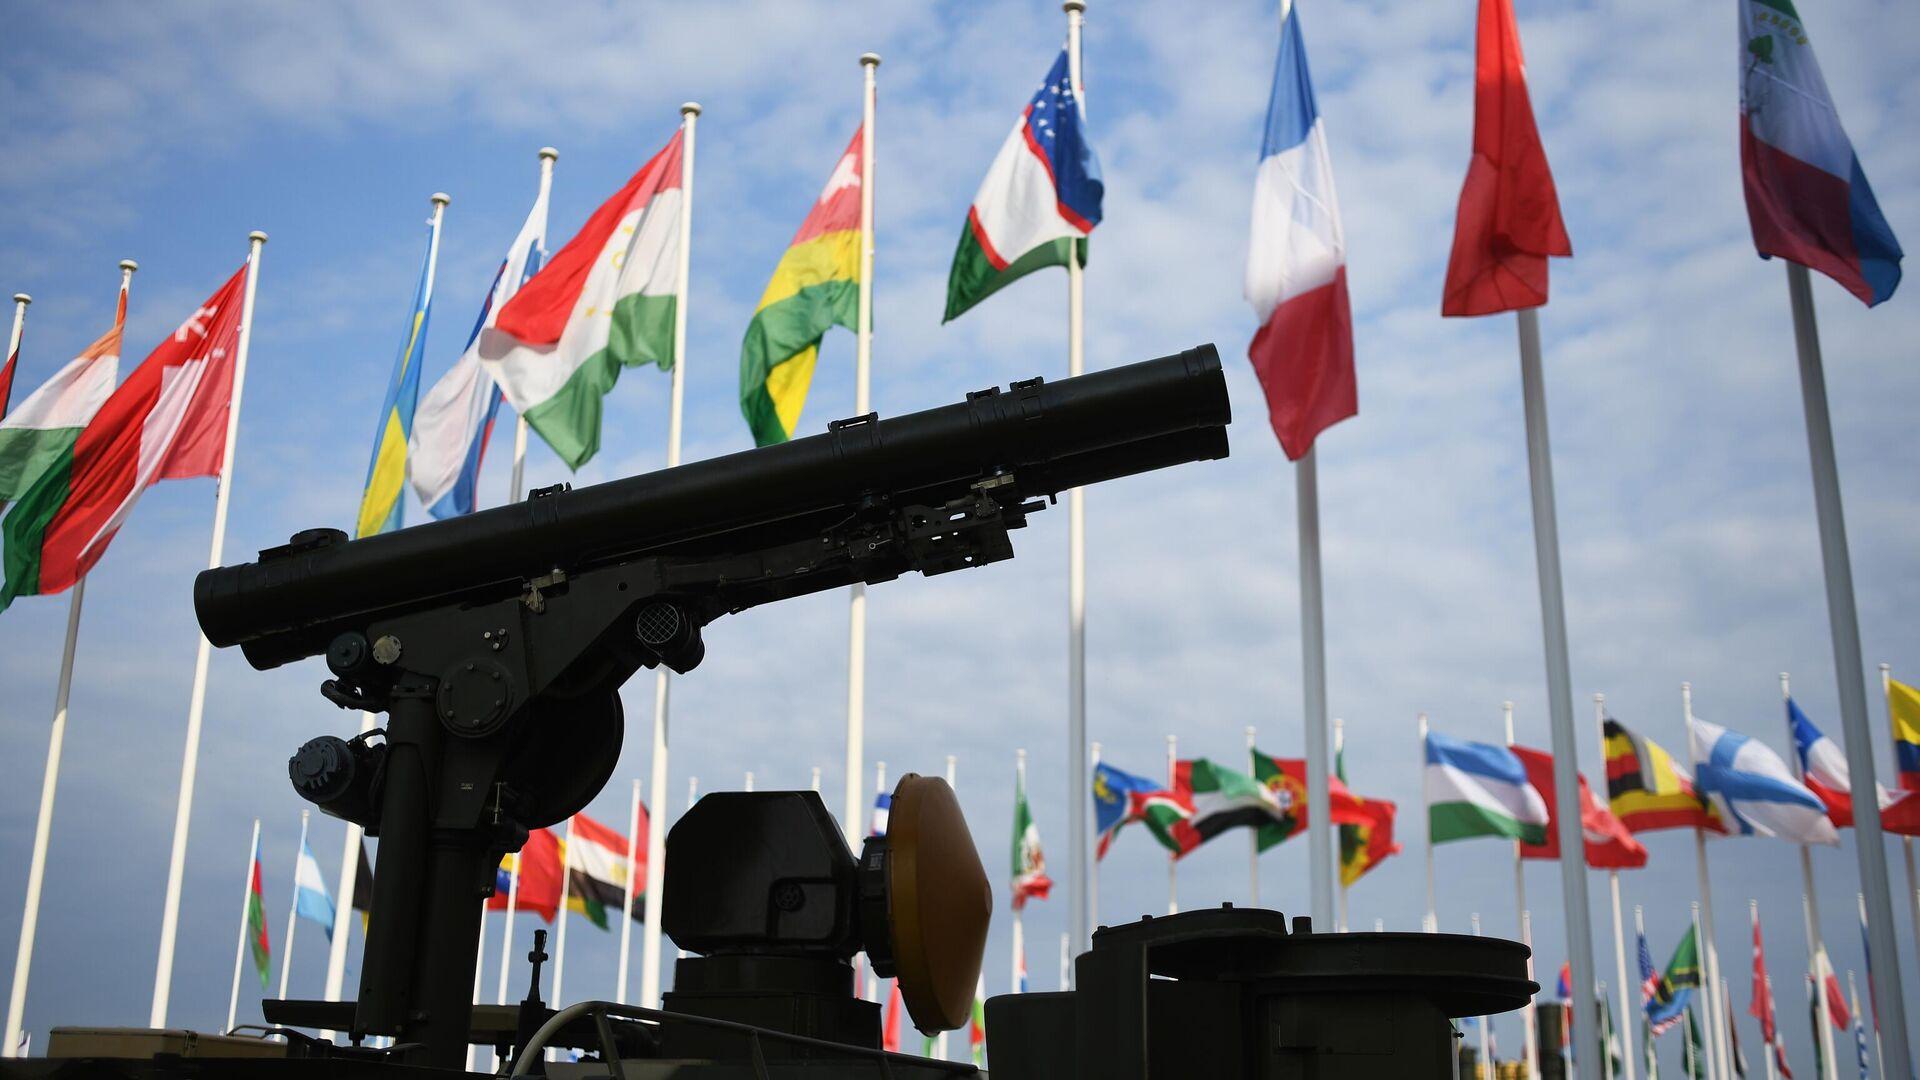 Международный военно-технический форум Армия-2021 - Sputnik Ўзбекистон, 1920, 05.09.2021